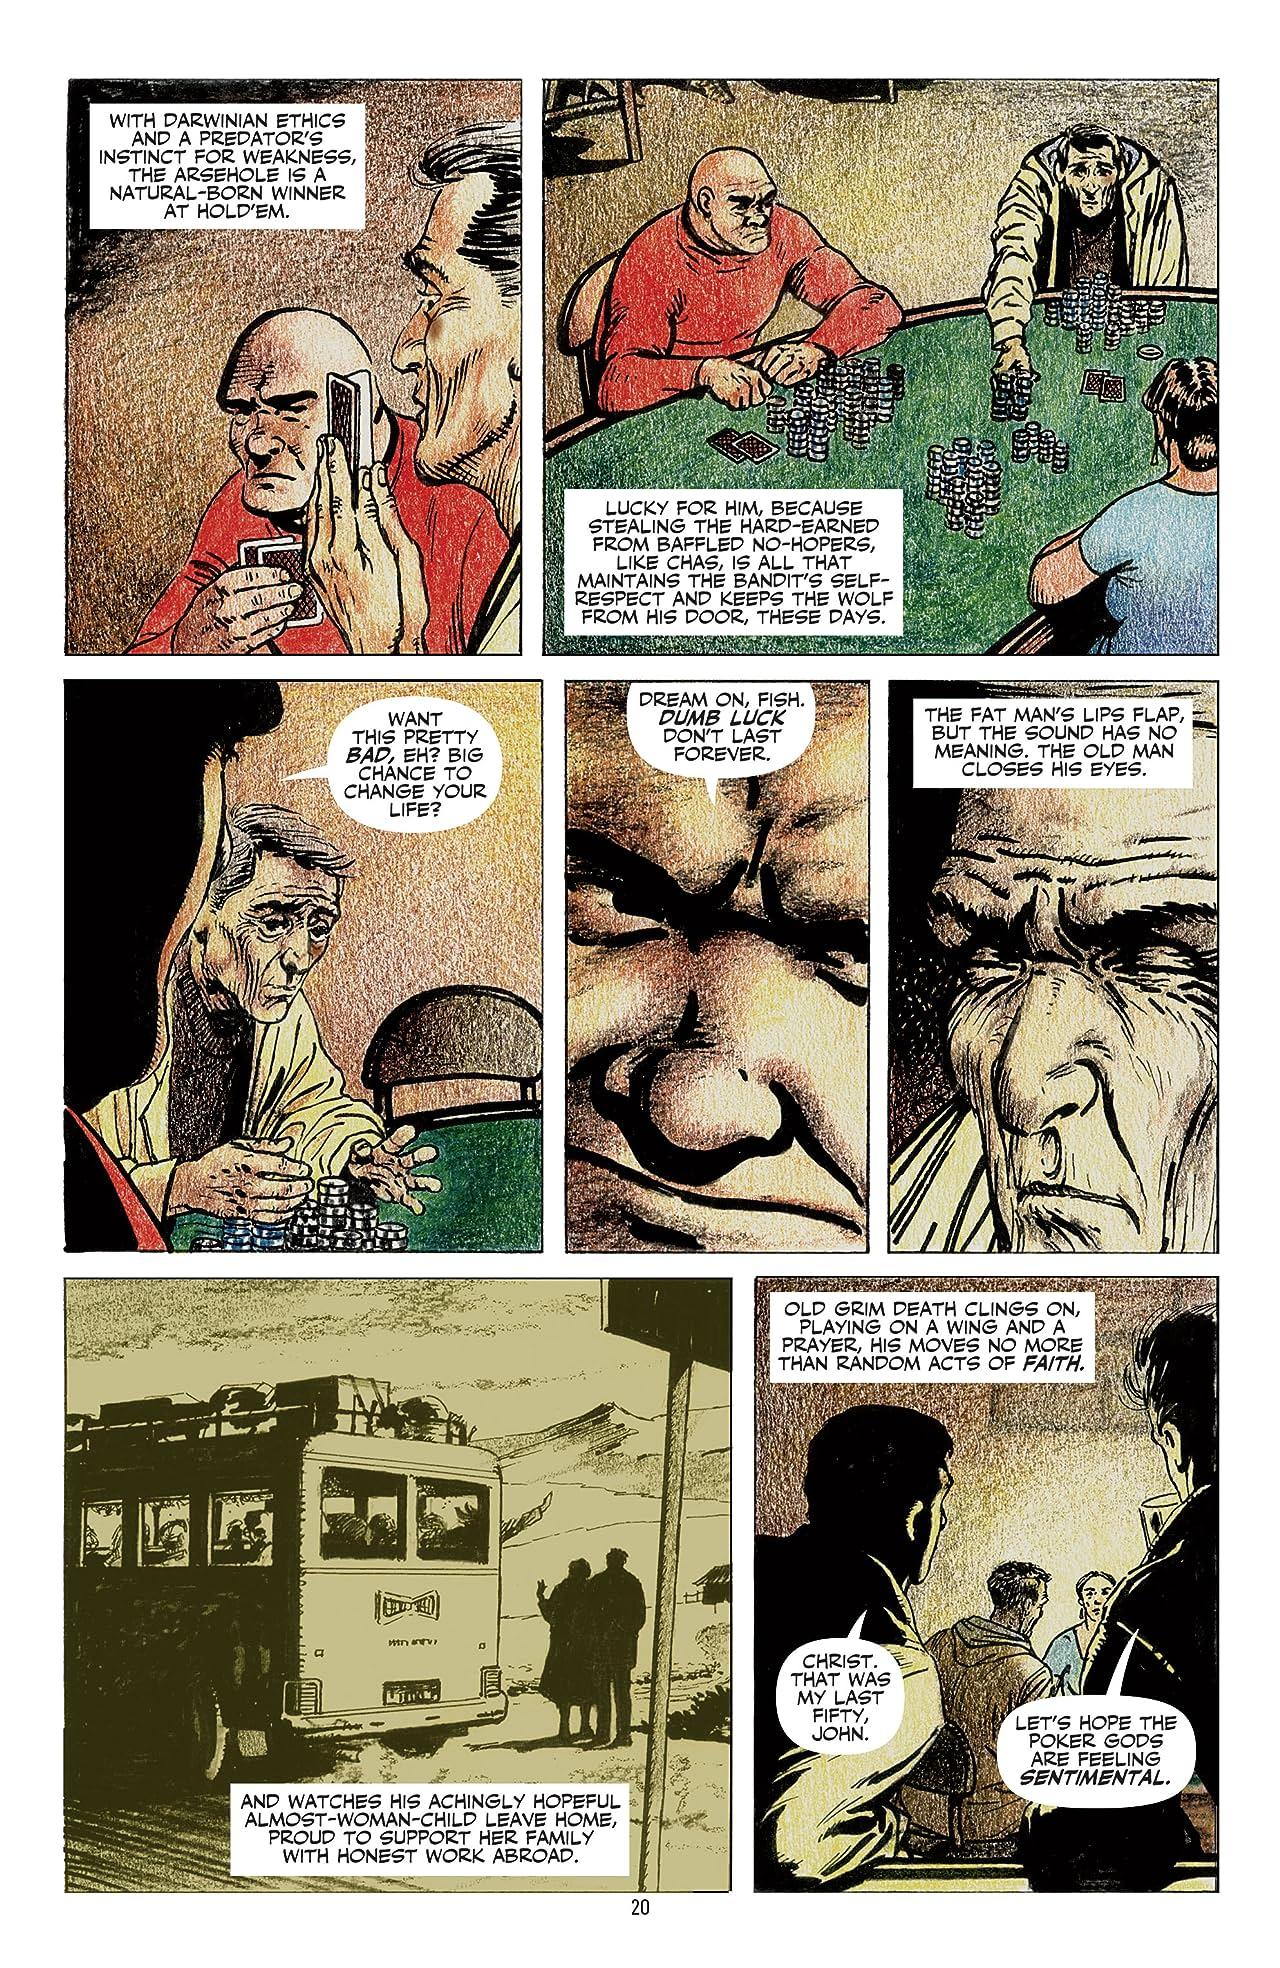 John Constantine, Hellblazer Vol. 22: Regeneration